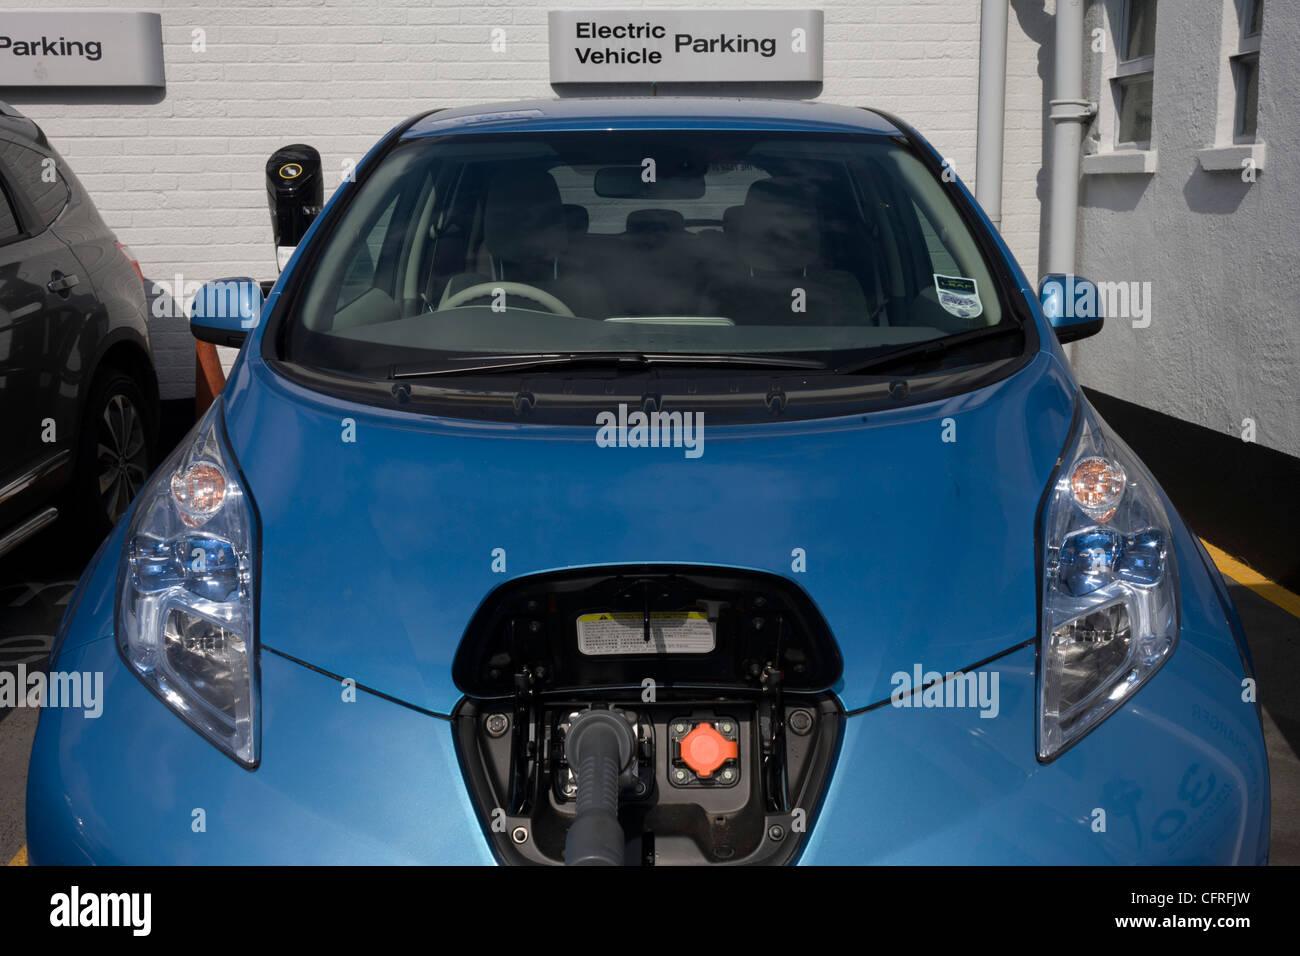 La charge rapide d'une voiture électrique Nissan LEAF à un point de recharge électrique offrant Photo Stock